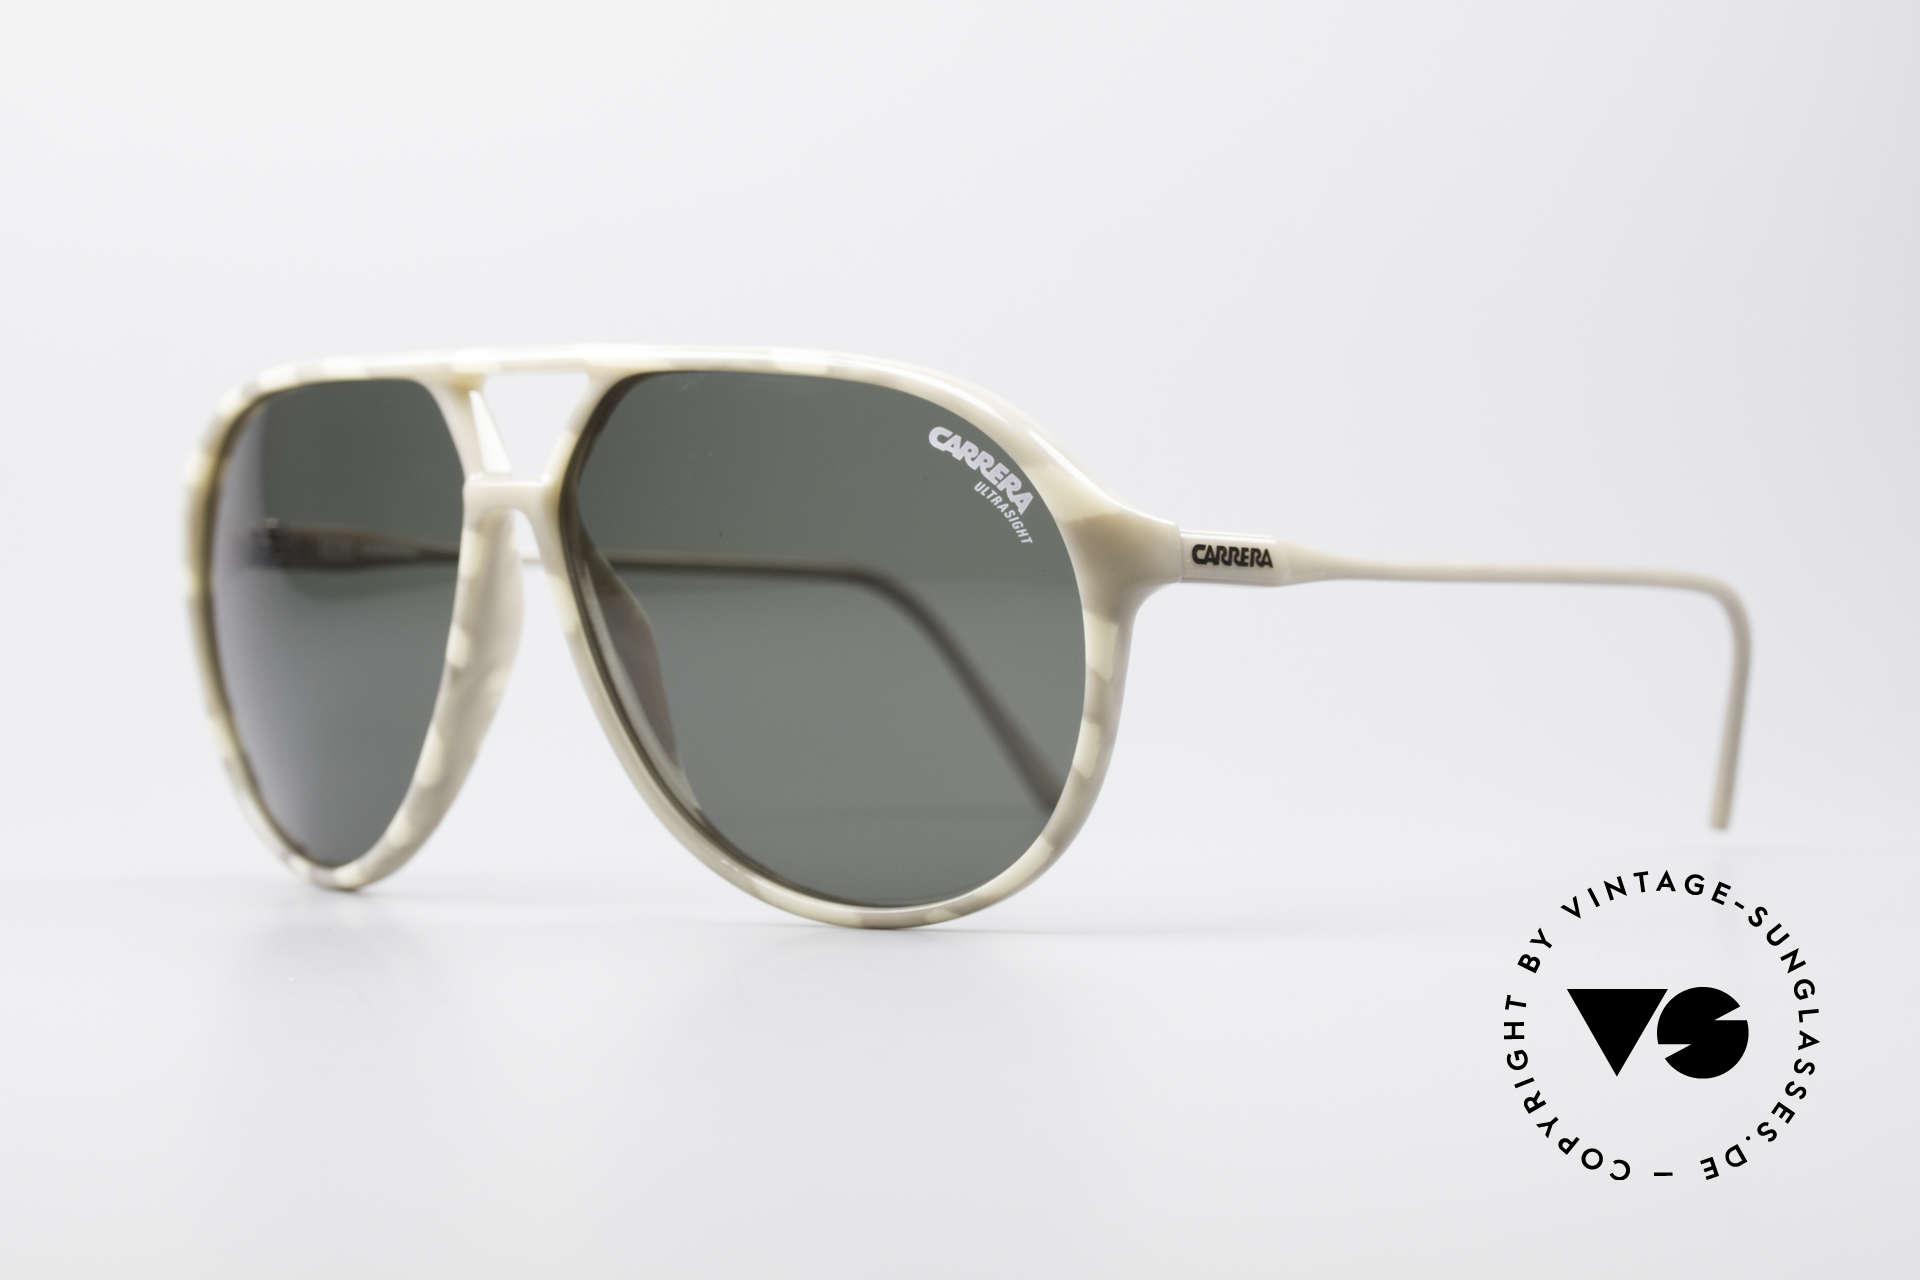 Carrera 5425 Robert De Niro Brille, 2 Paar Gläser: 1 x grün ULTRASIGHT & 1 x grau-Verlauf, Passend für Herren